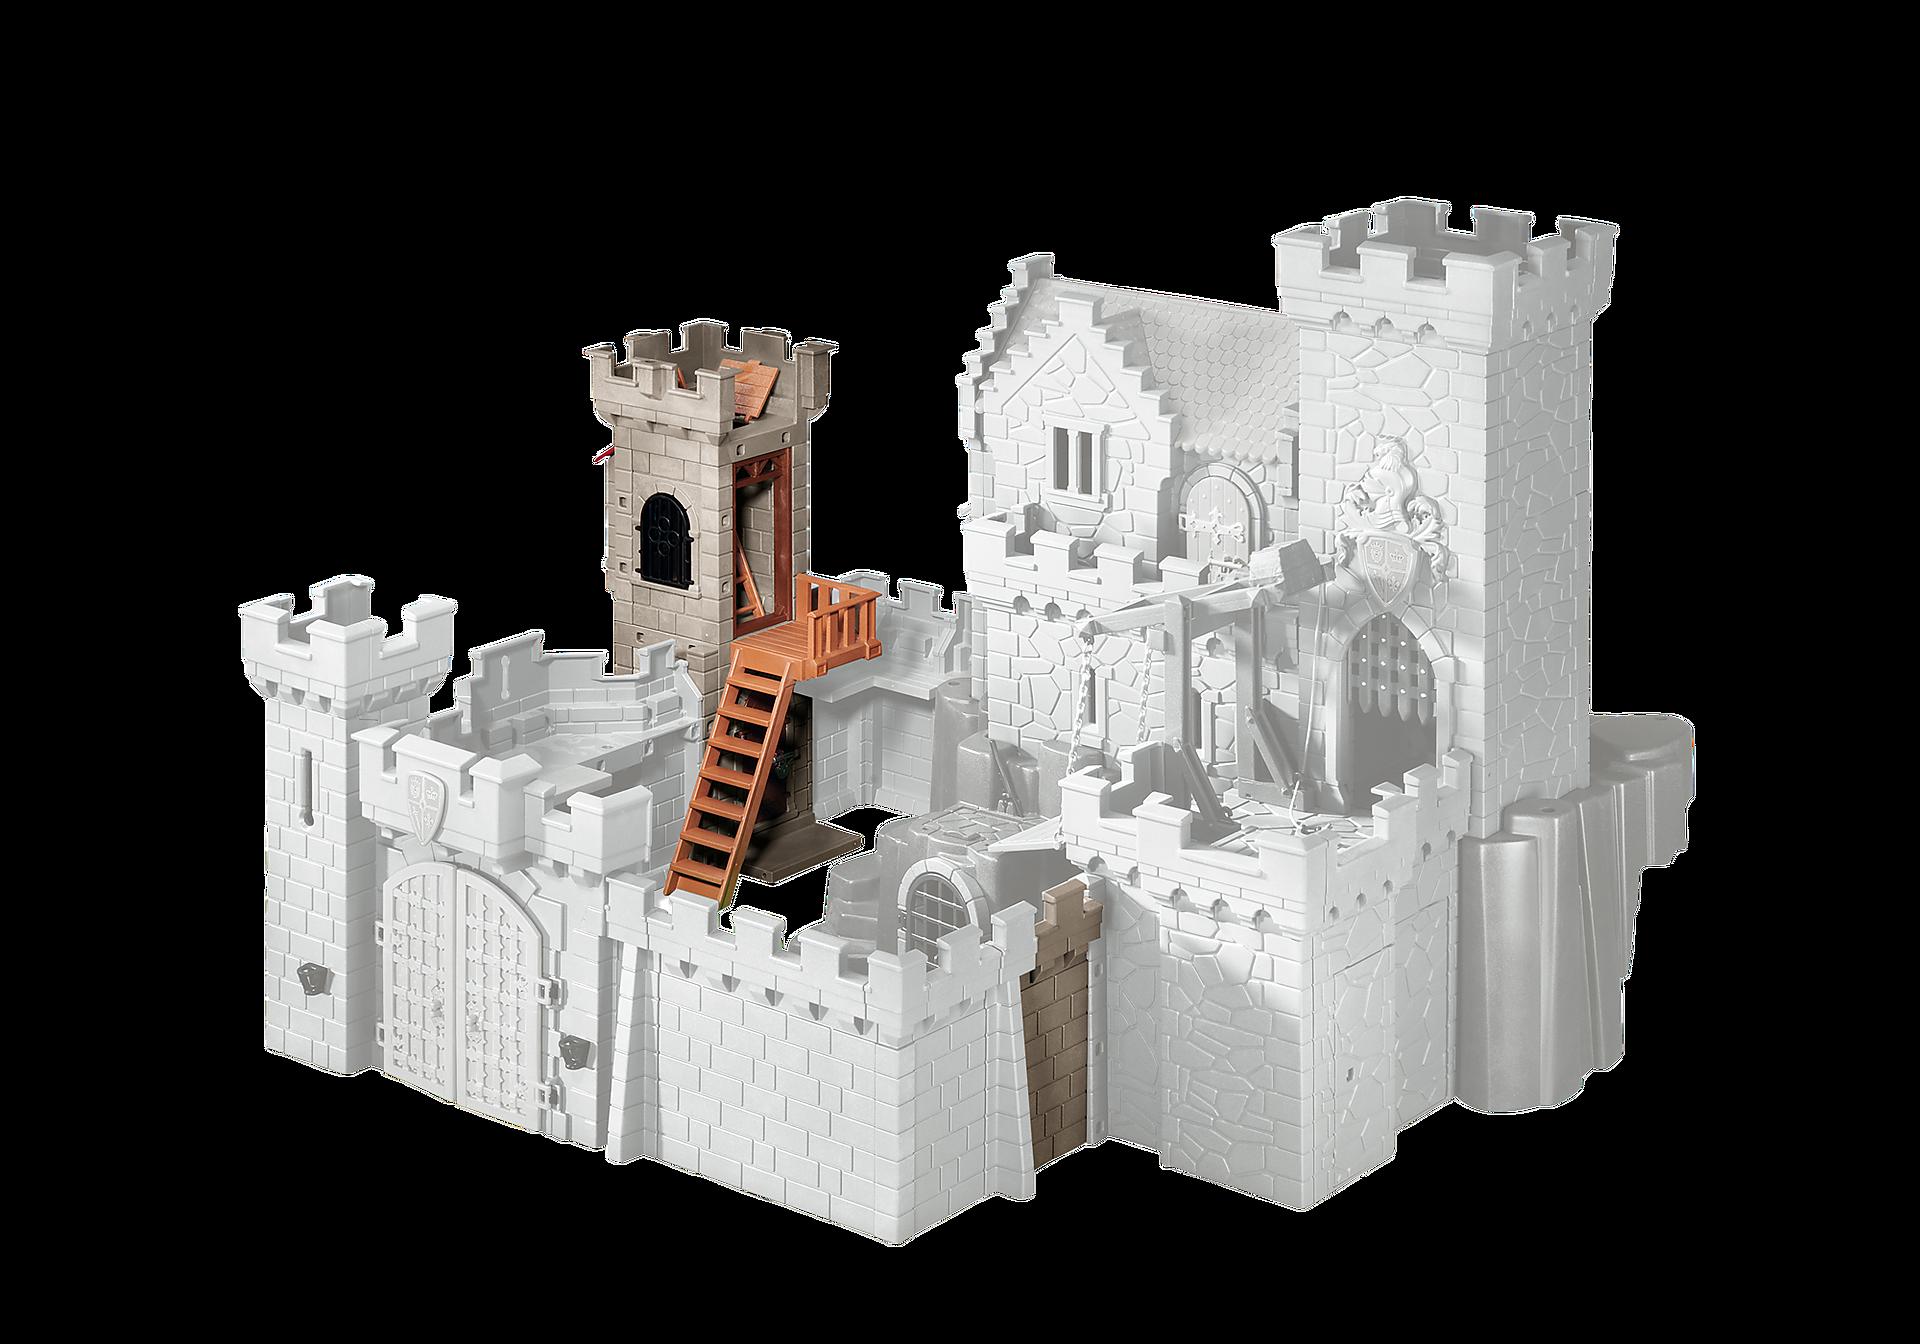 http://media.playmobil.com/i/playmobil/6373_product_detail/Uitbreidingstoren voor art 6000 en 6001 in de Knights speelwereld